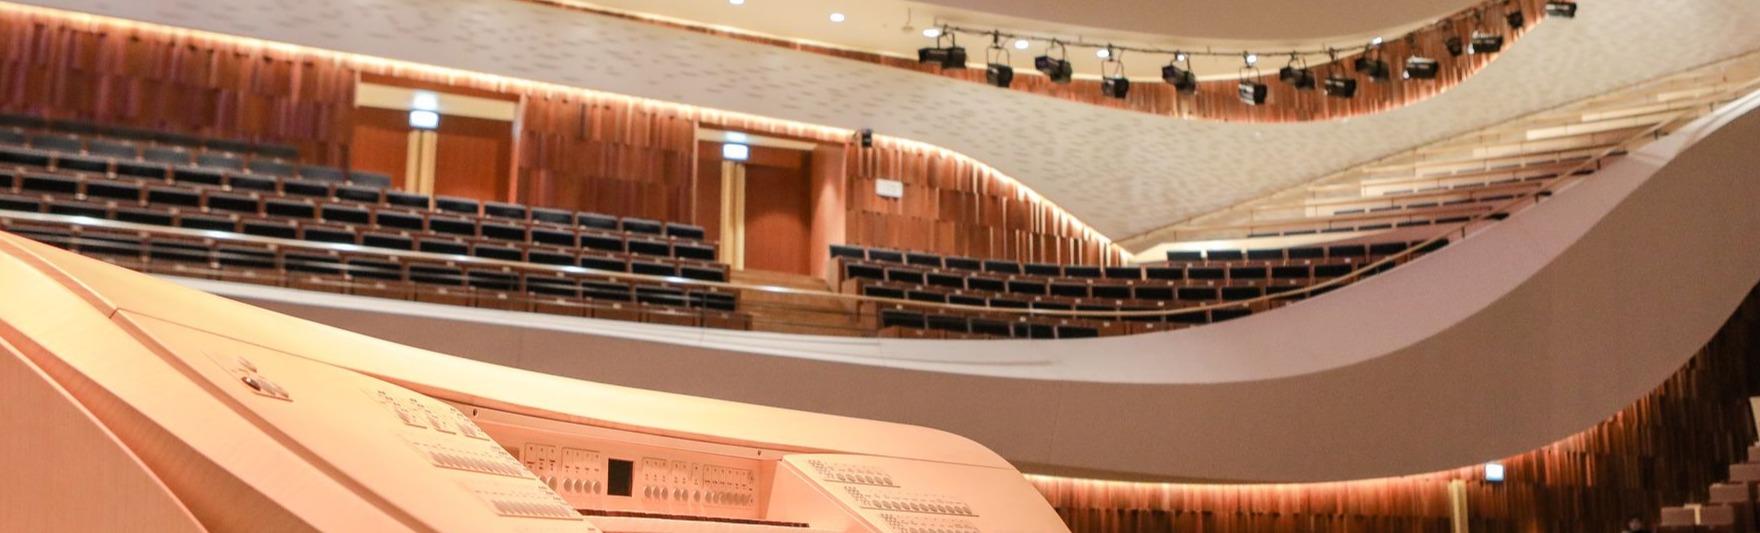 Фестиваль музыки Бетховена и Чайковского. Квартет им. Бородина. Квартеты на русские темы